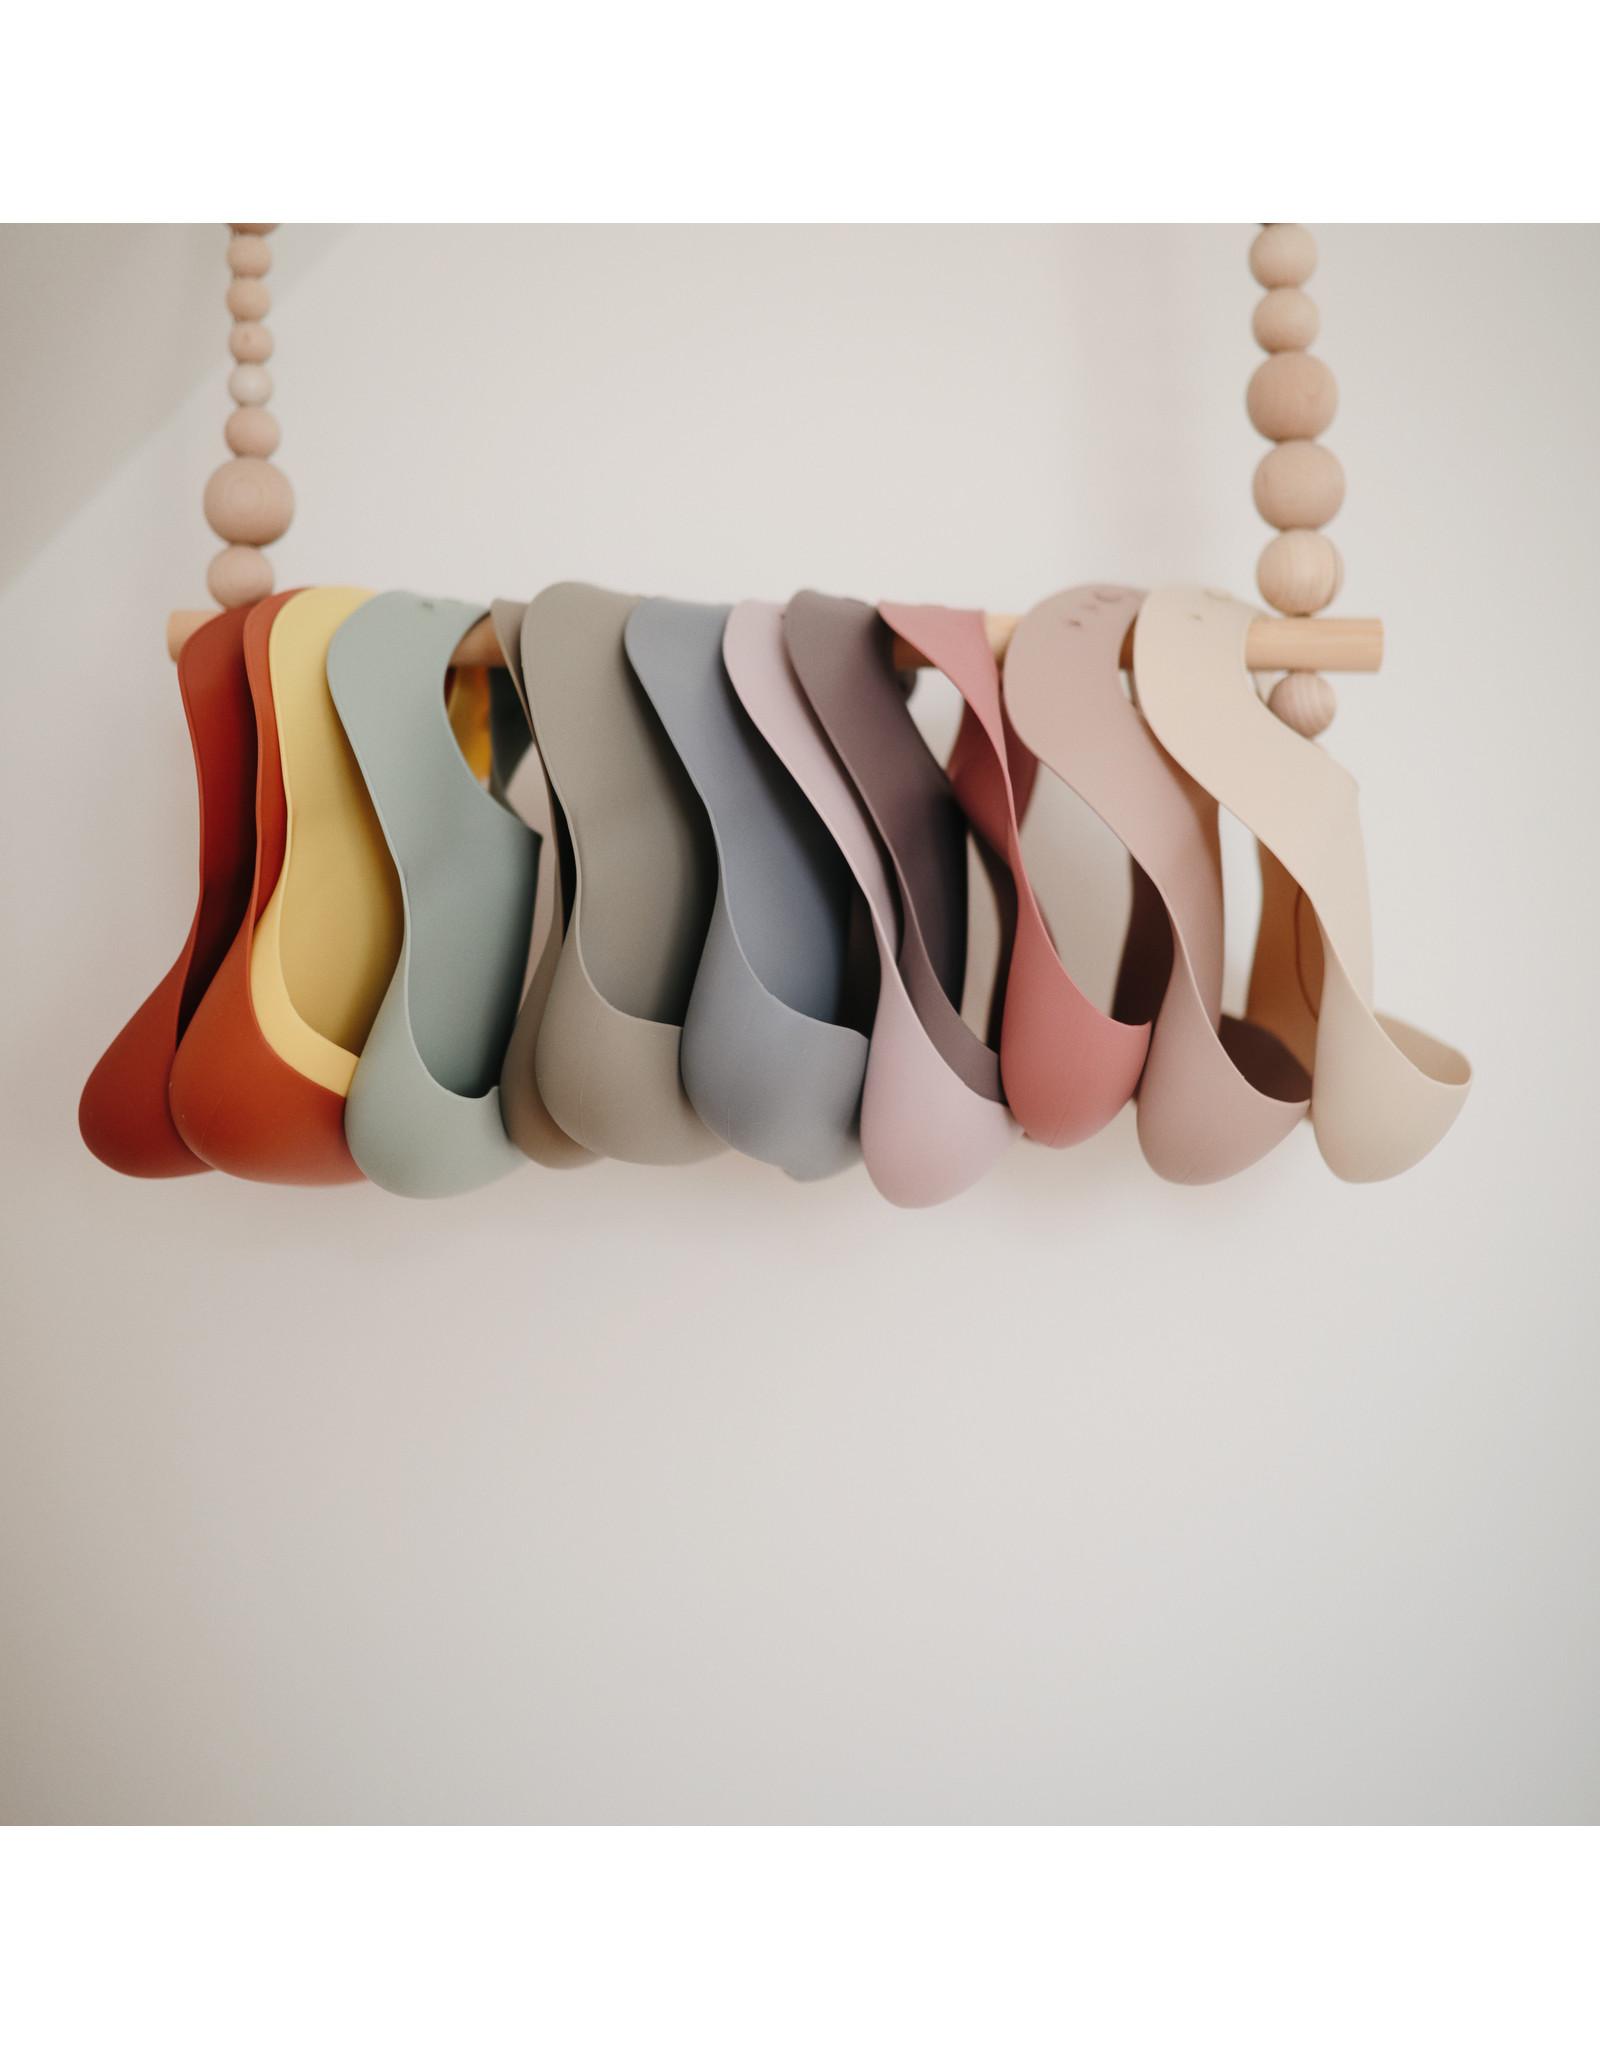 Mushie MUSHIE - Silicone Bib - Clay